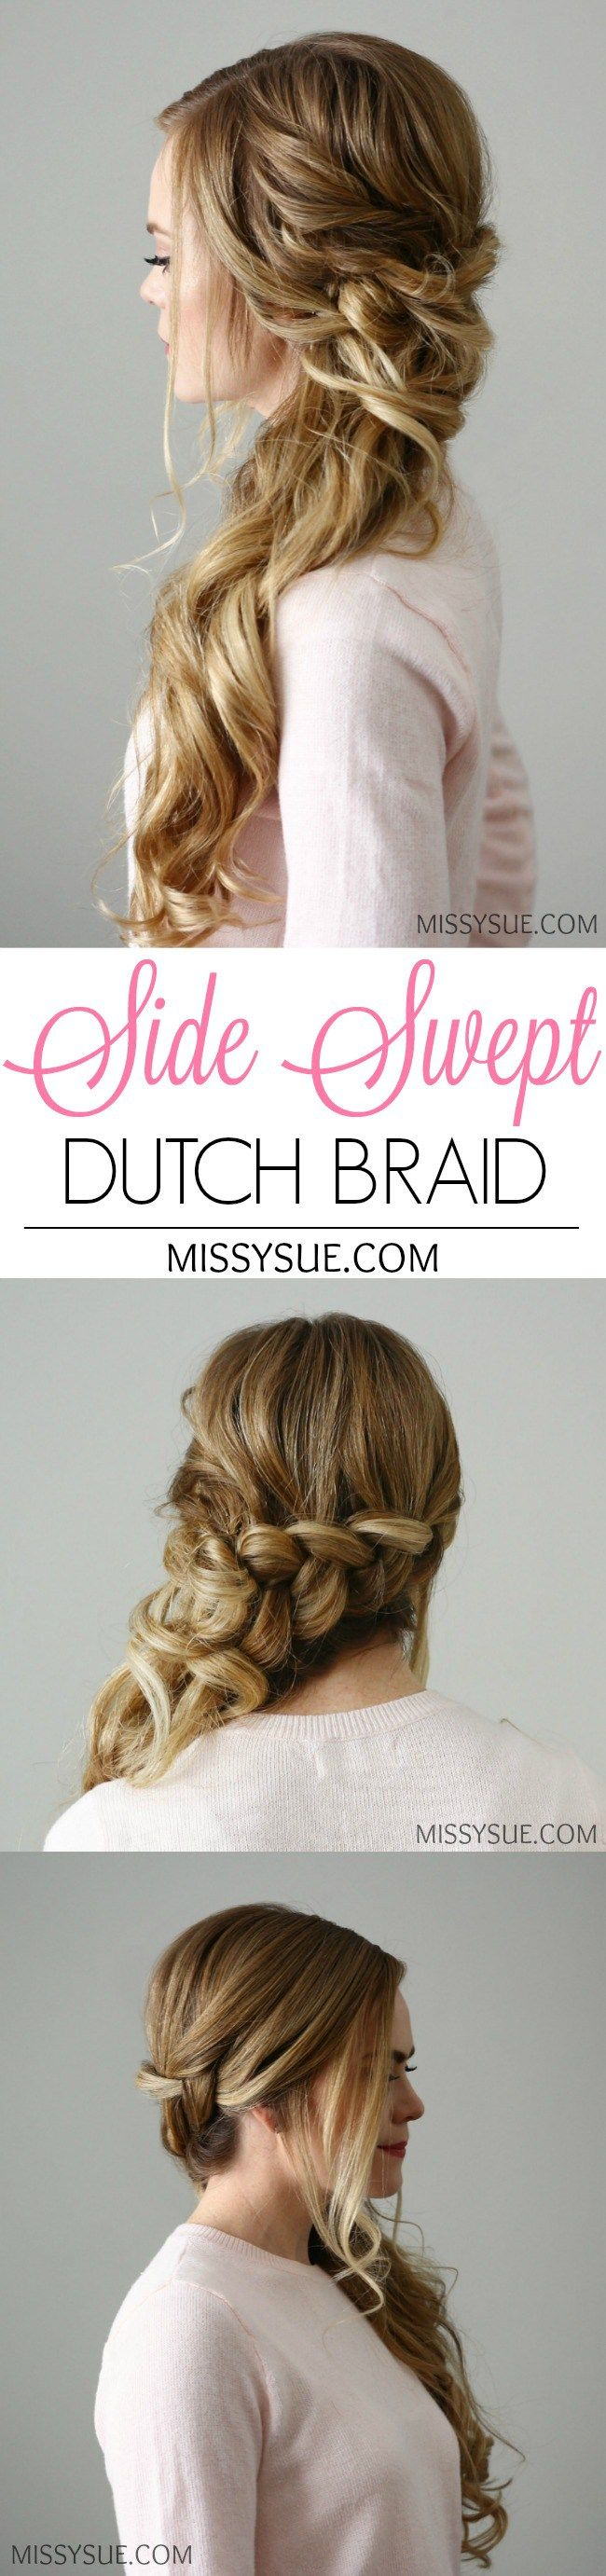 Side Swept Dutch Braid